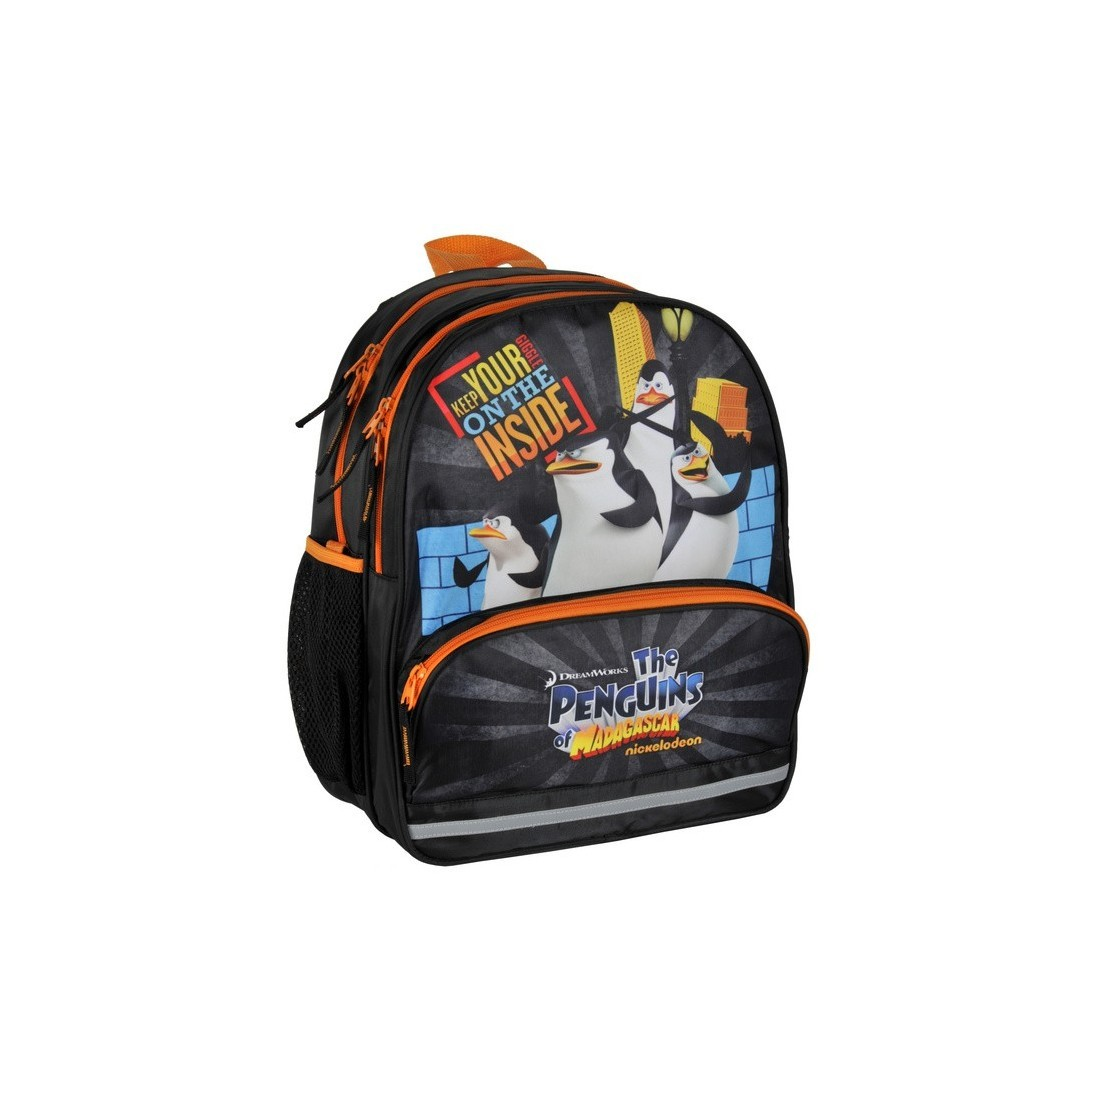 Plecak szkolny Pingwiny z Madagaskaru czarny